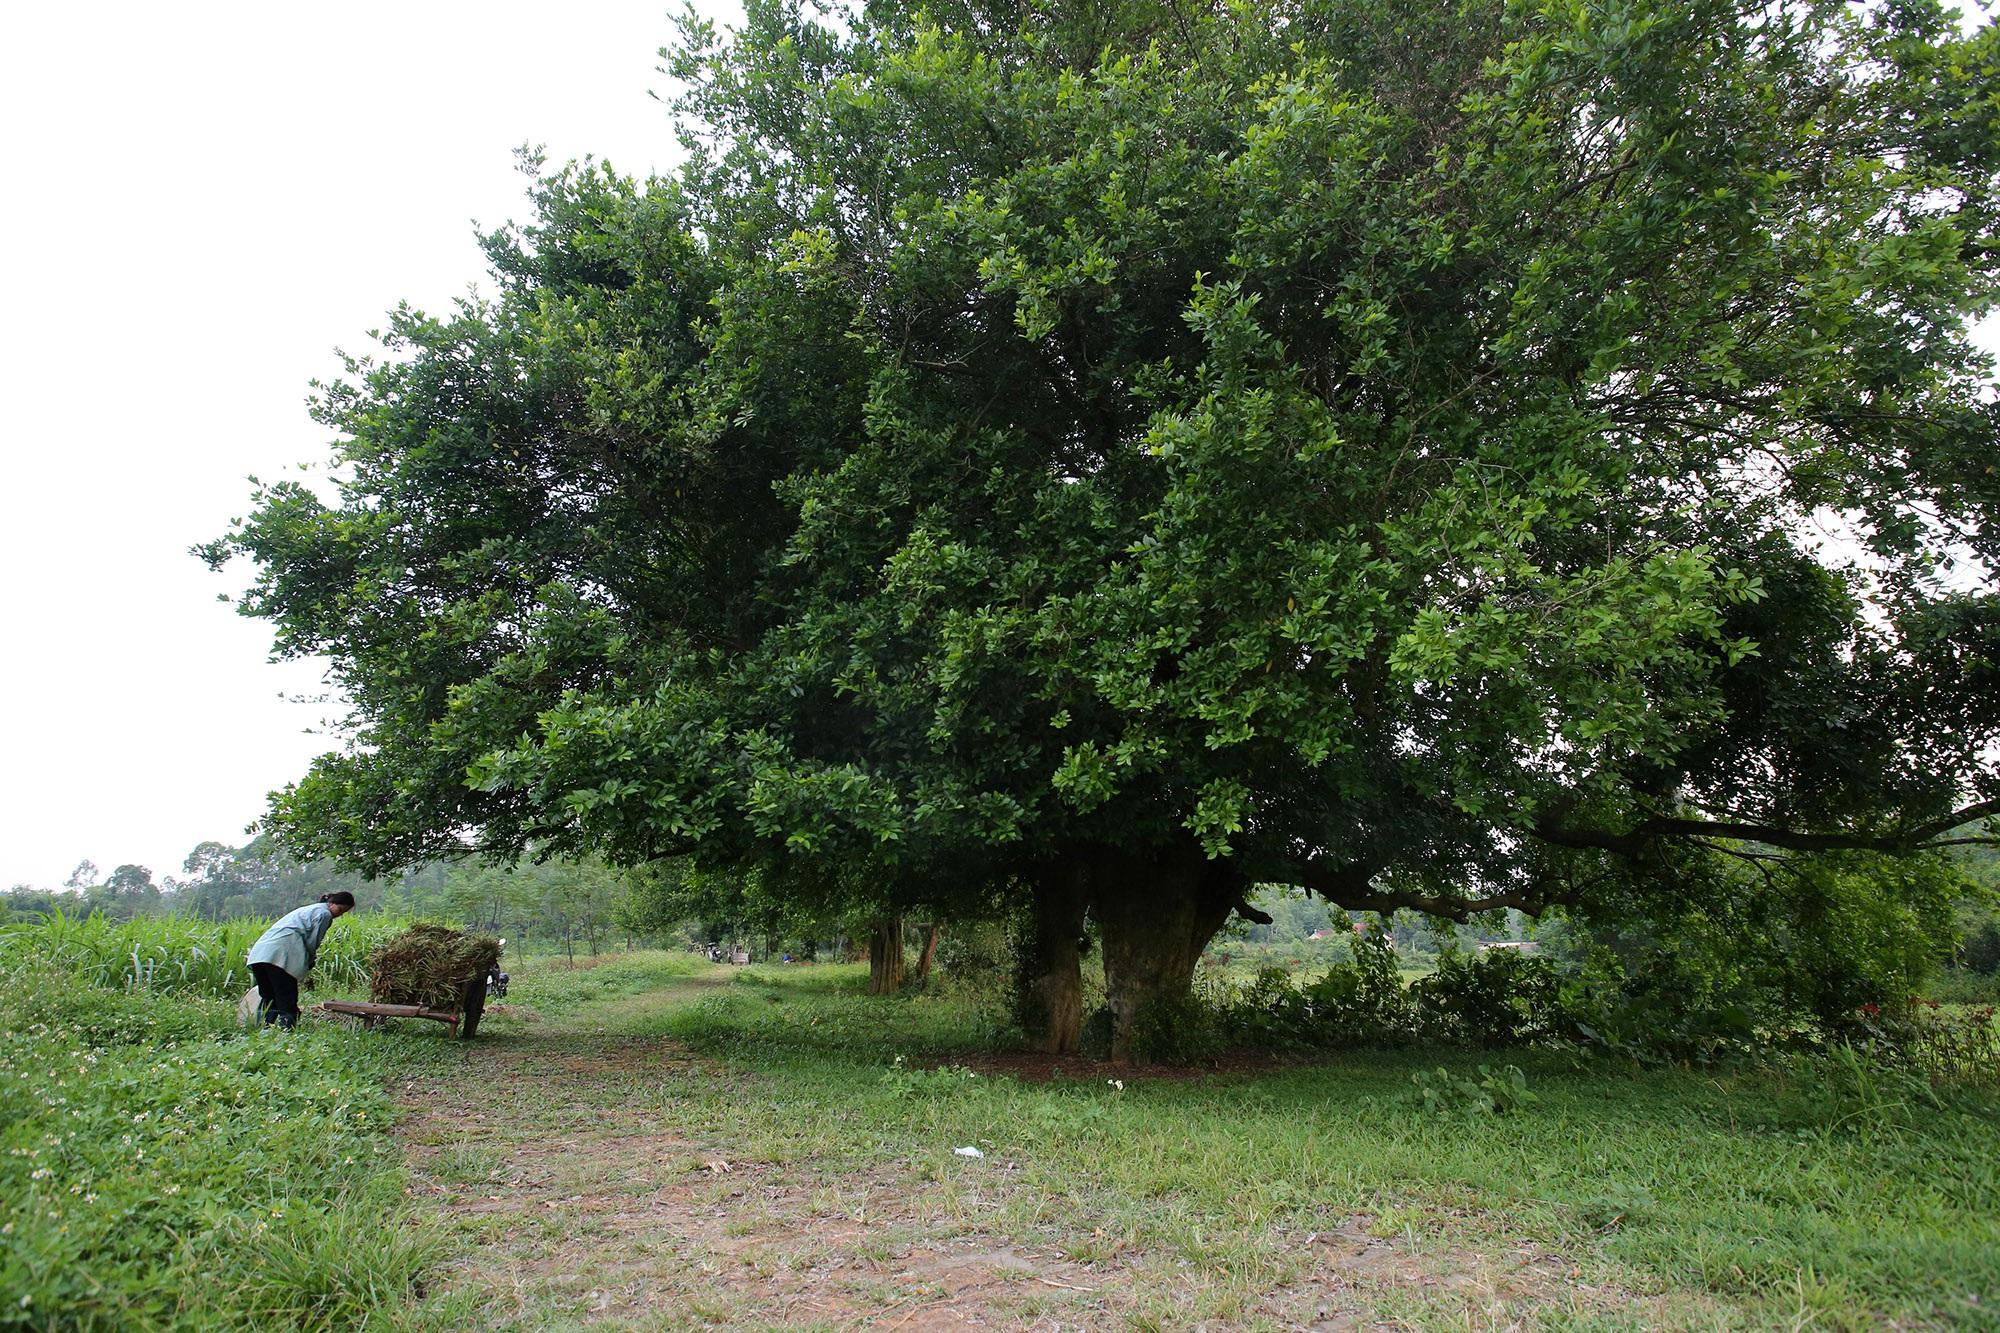 Rặng cây duối cổ hơn 1000 năm tuổi ở Hà Nội - 5